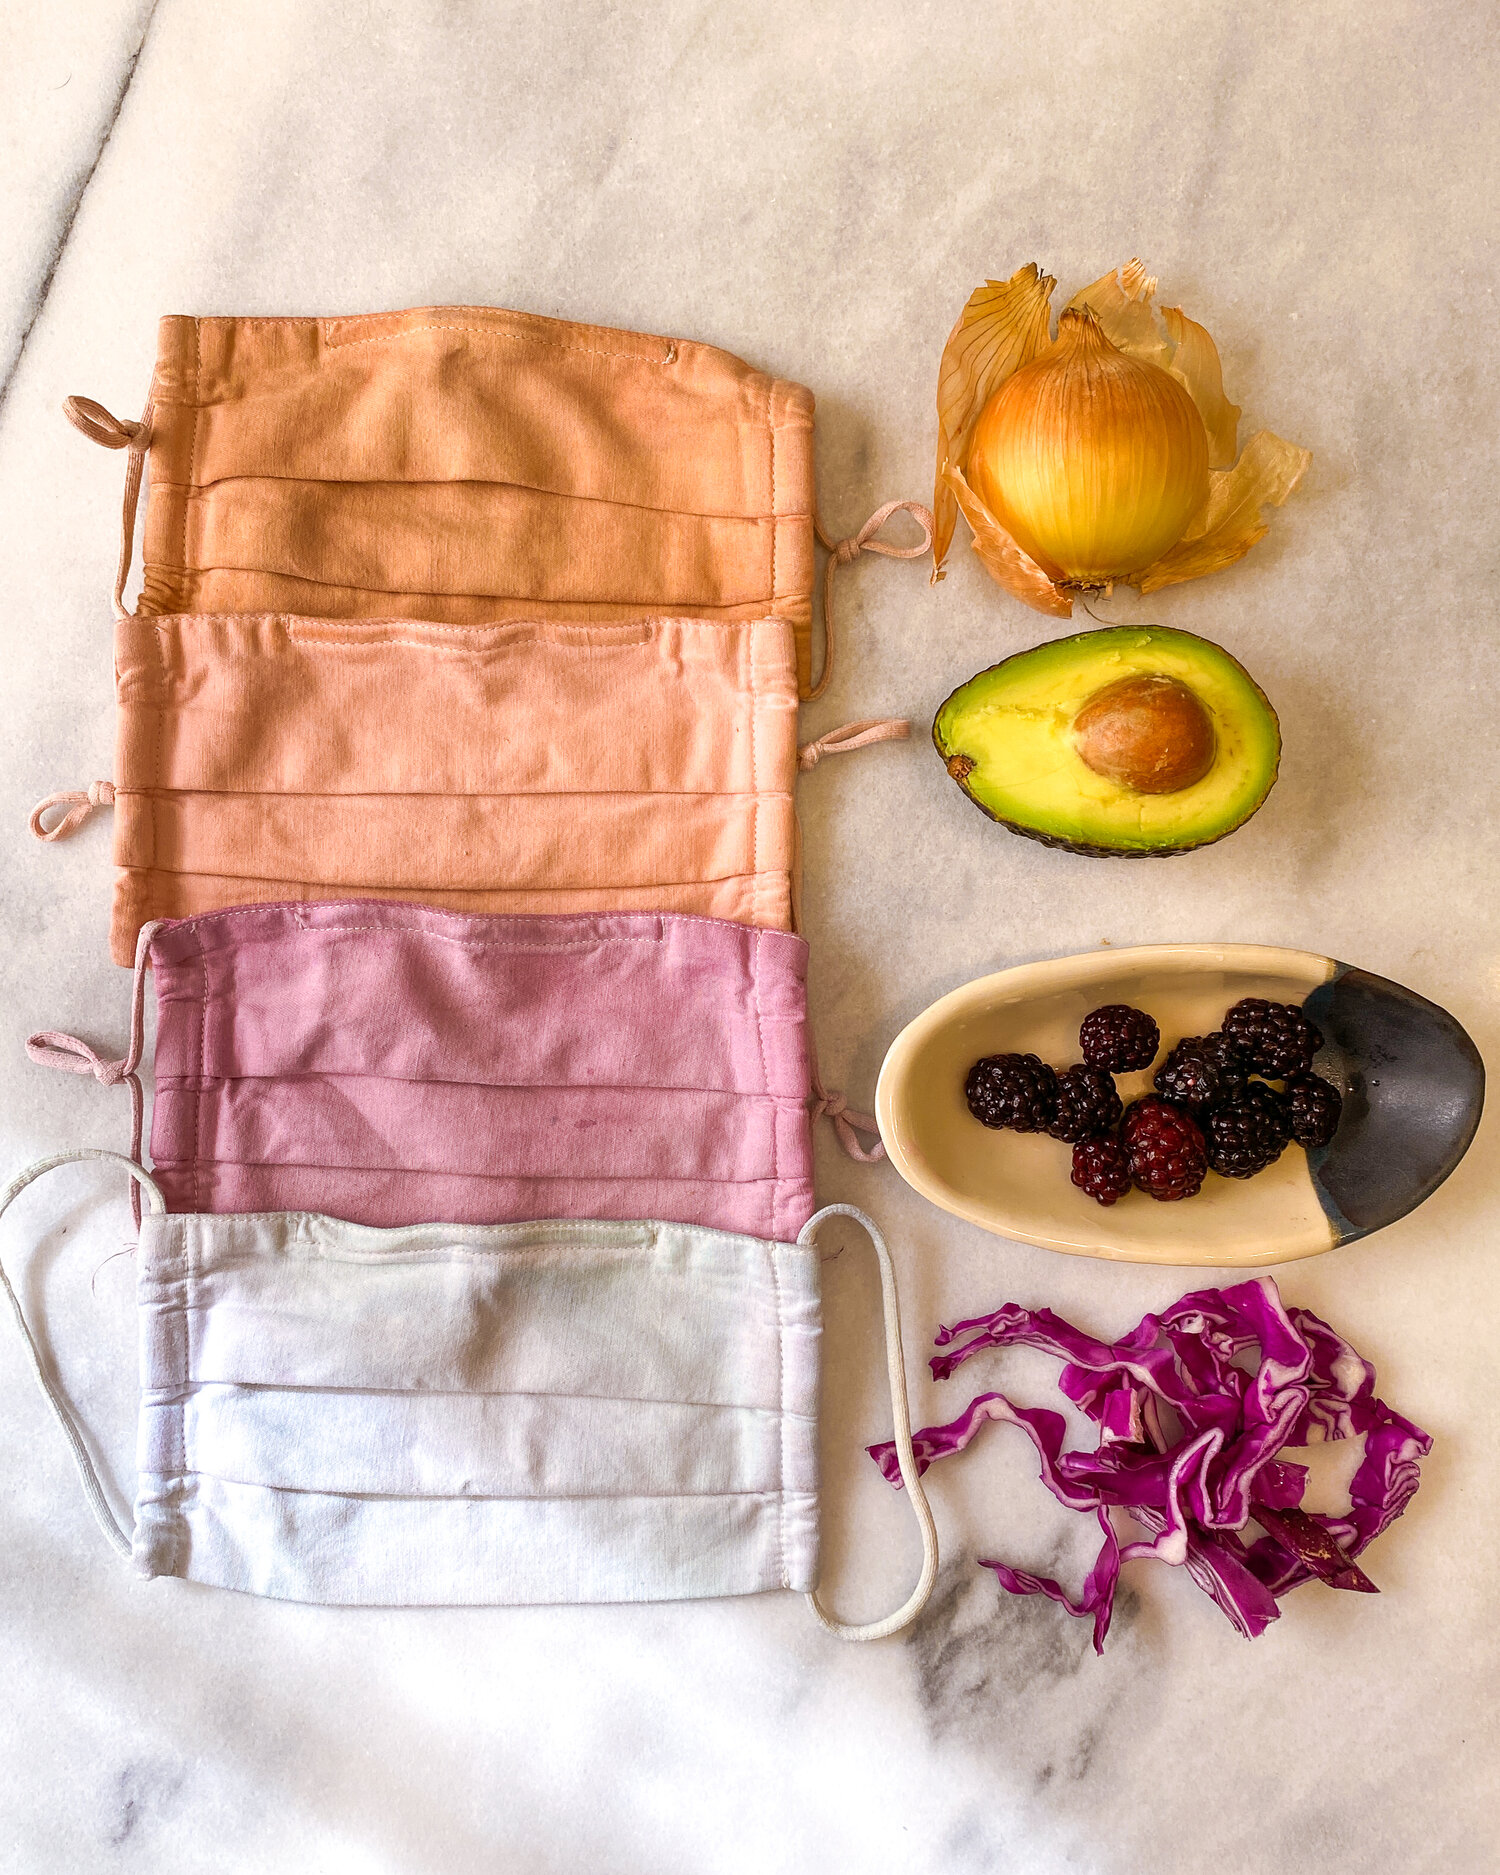 Cómo teñir telas con tintes naturales ¡Tintes 100% ecológicos!_4